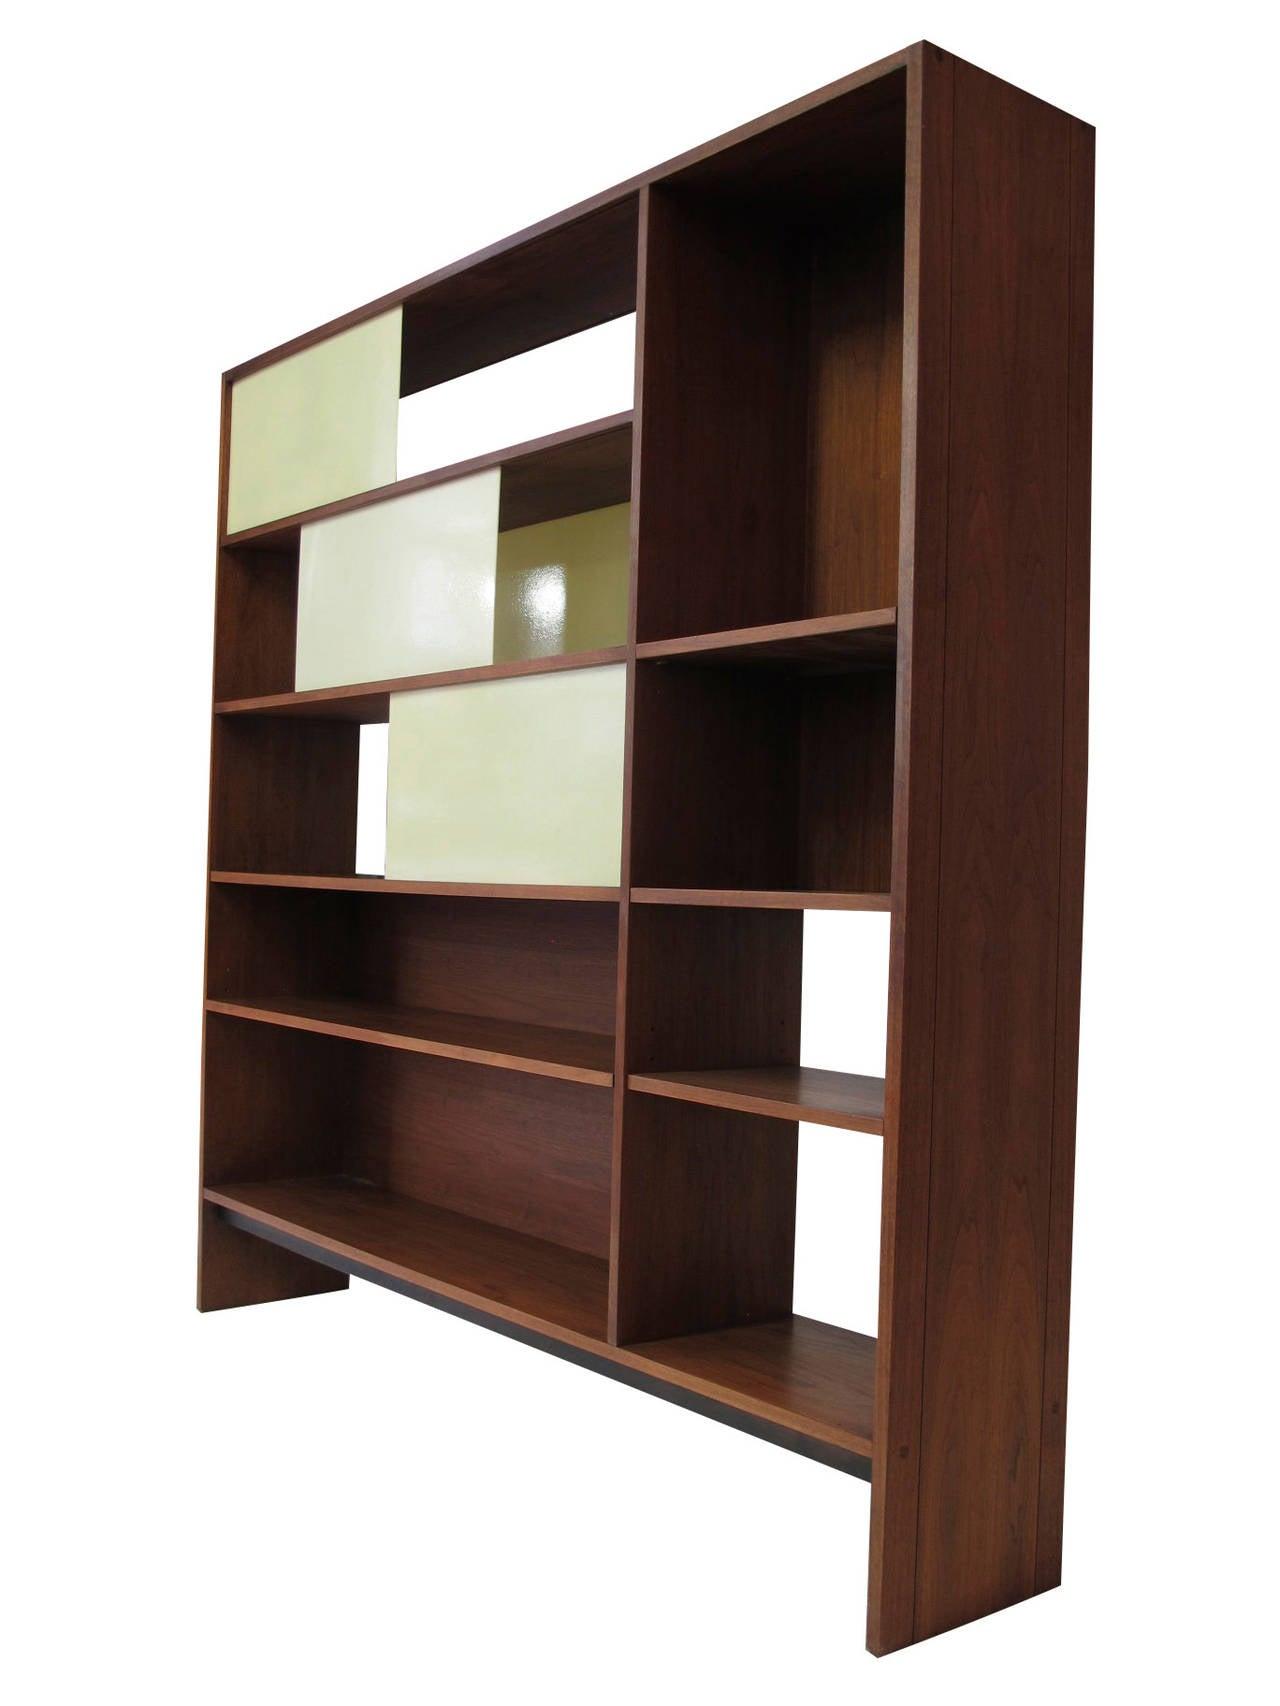 Bookshelves Kenya Bookshelves Kijiji Bookshelves Kijiji